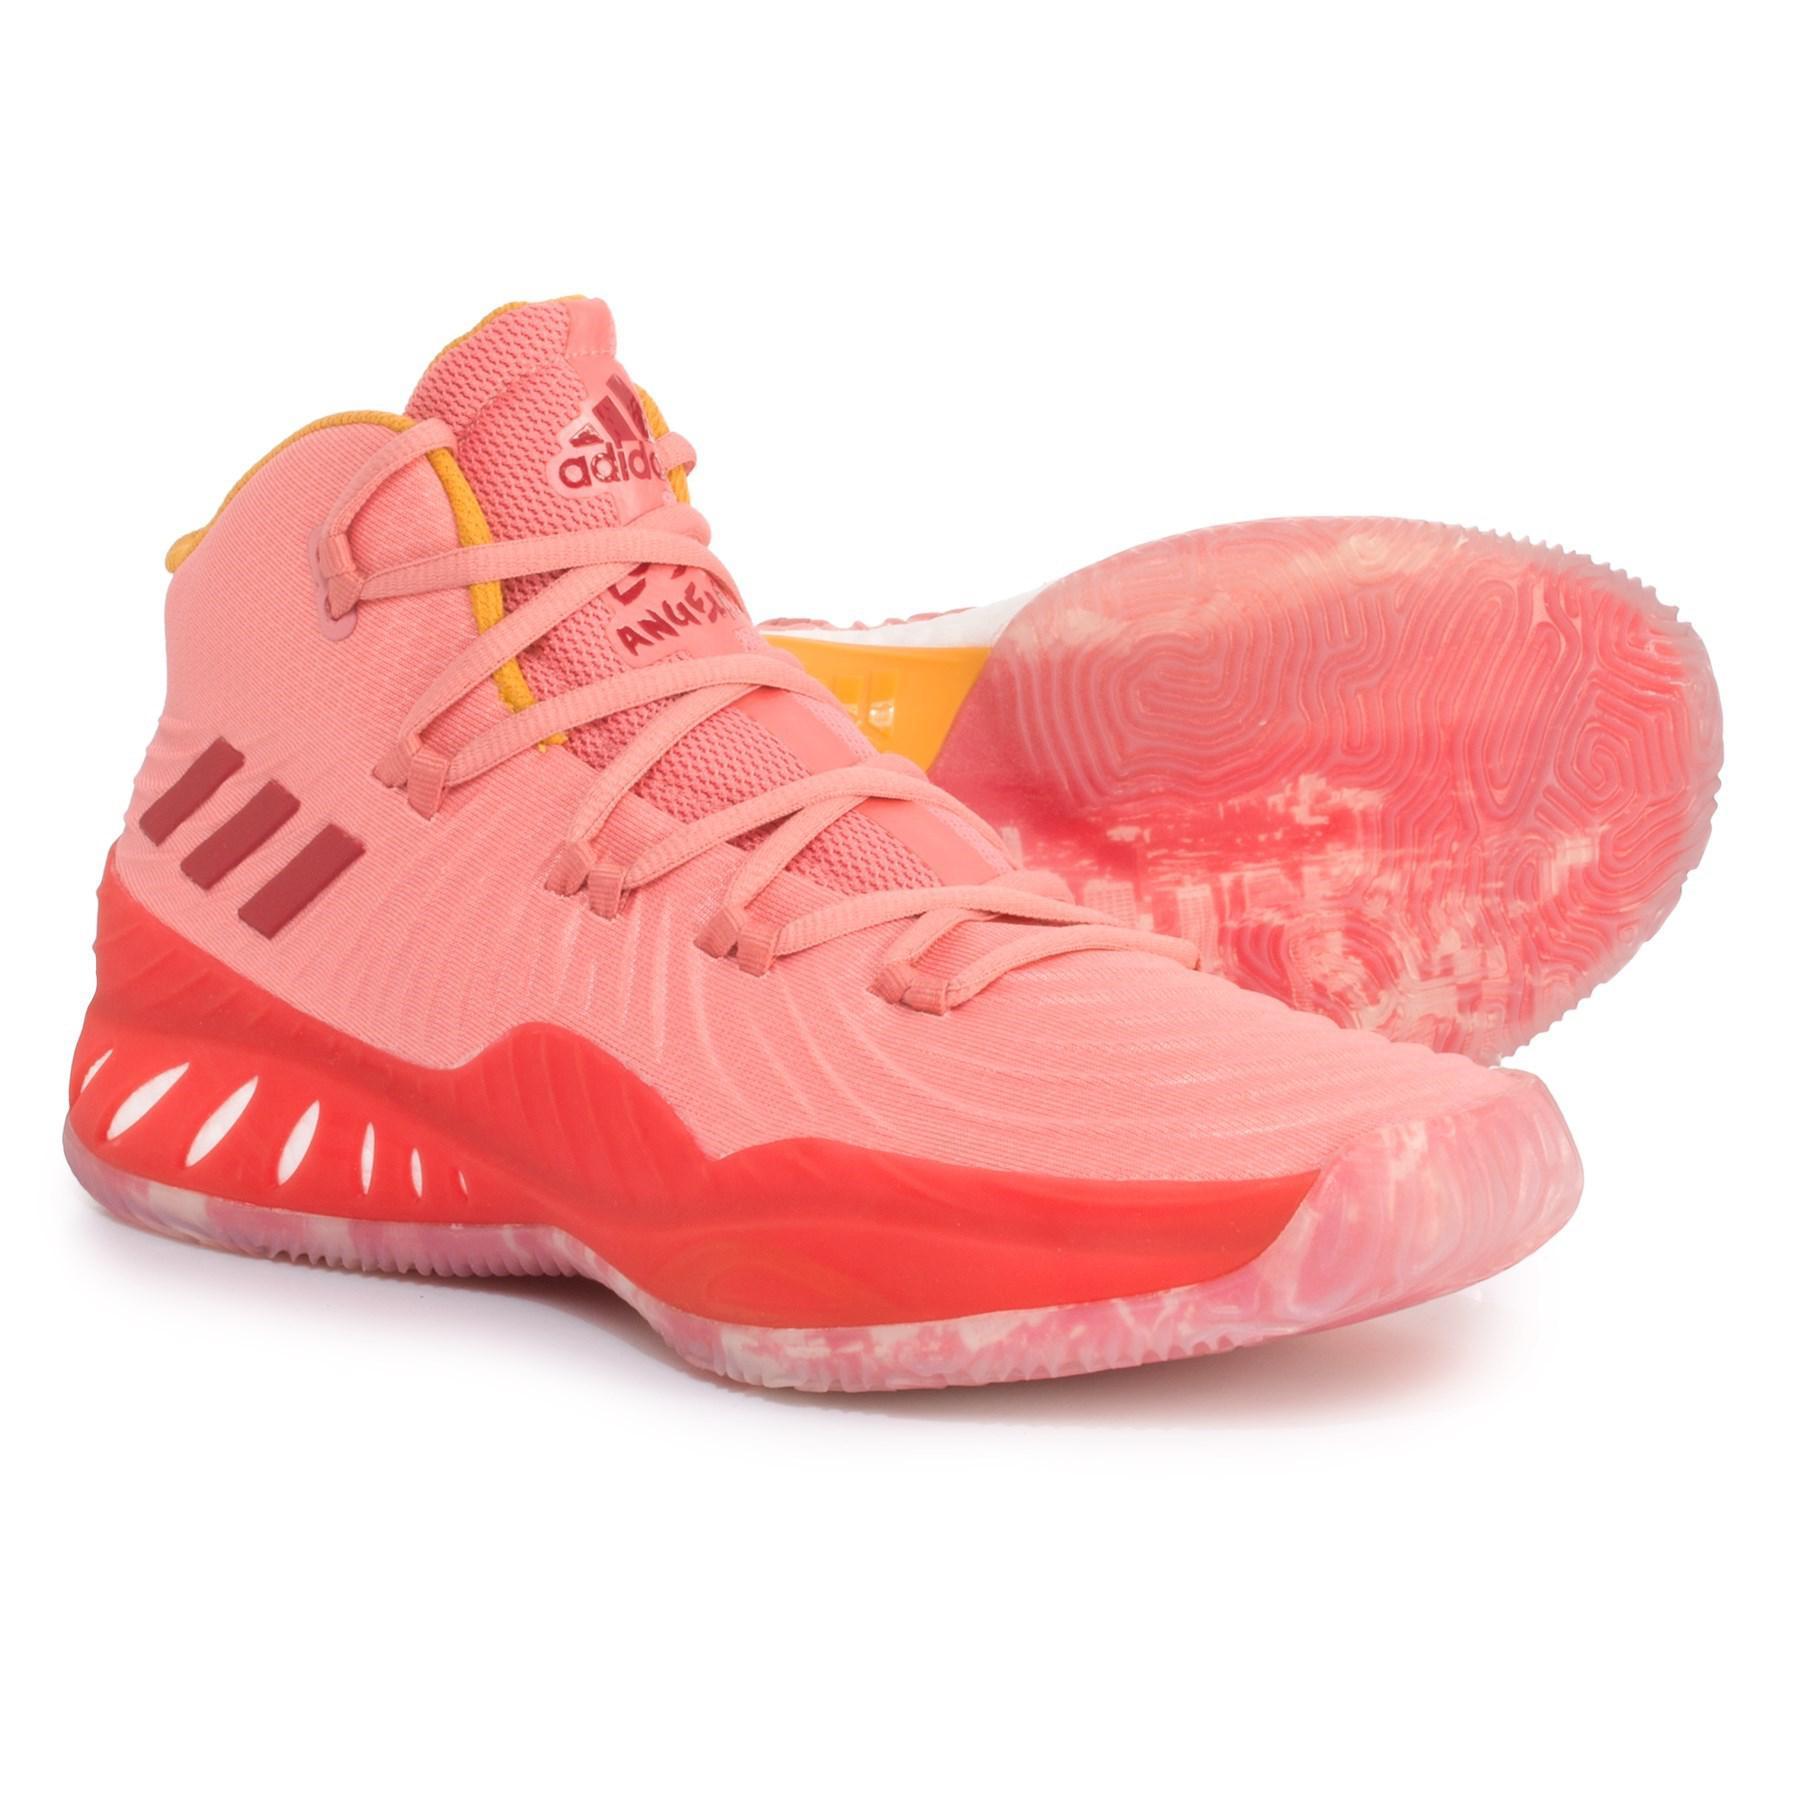 Sm Crazy Explosive Nba Shoes